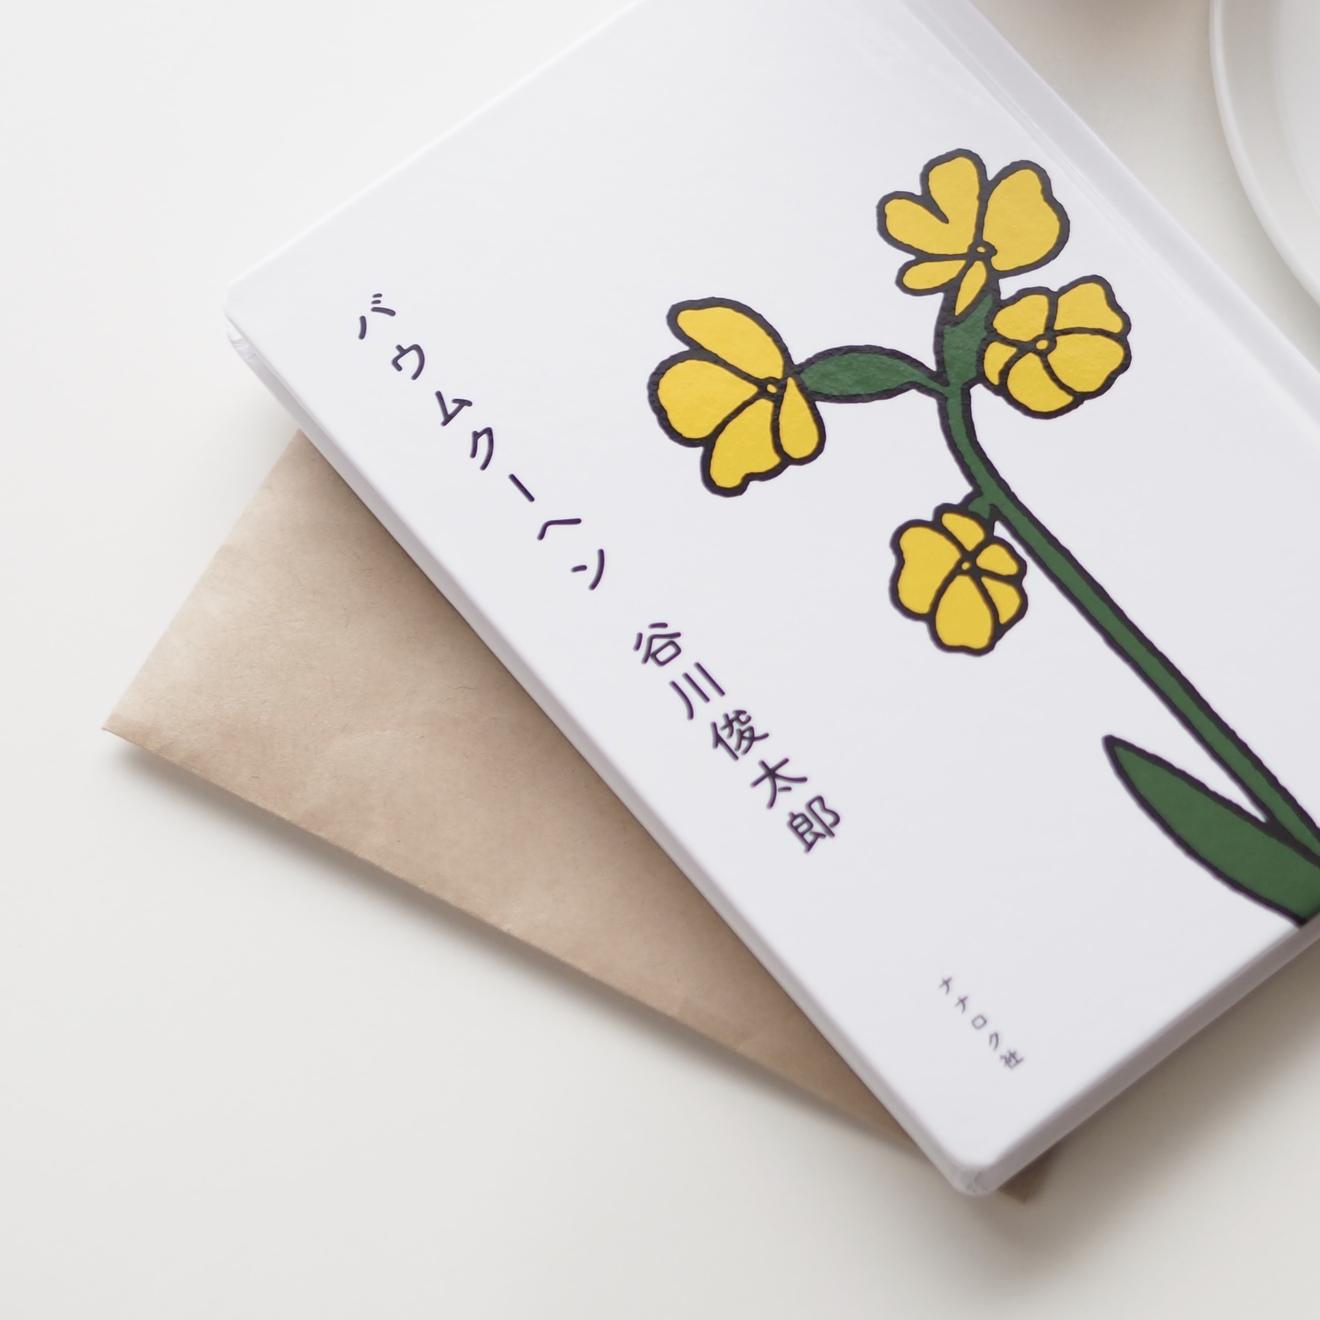 「おうちカフェ」でインスタ映え!大人の心を掴む谷川俊太郎の詩集を紹介!